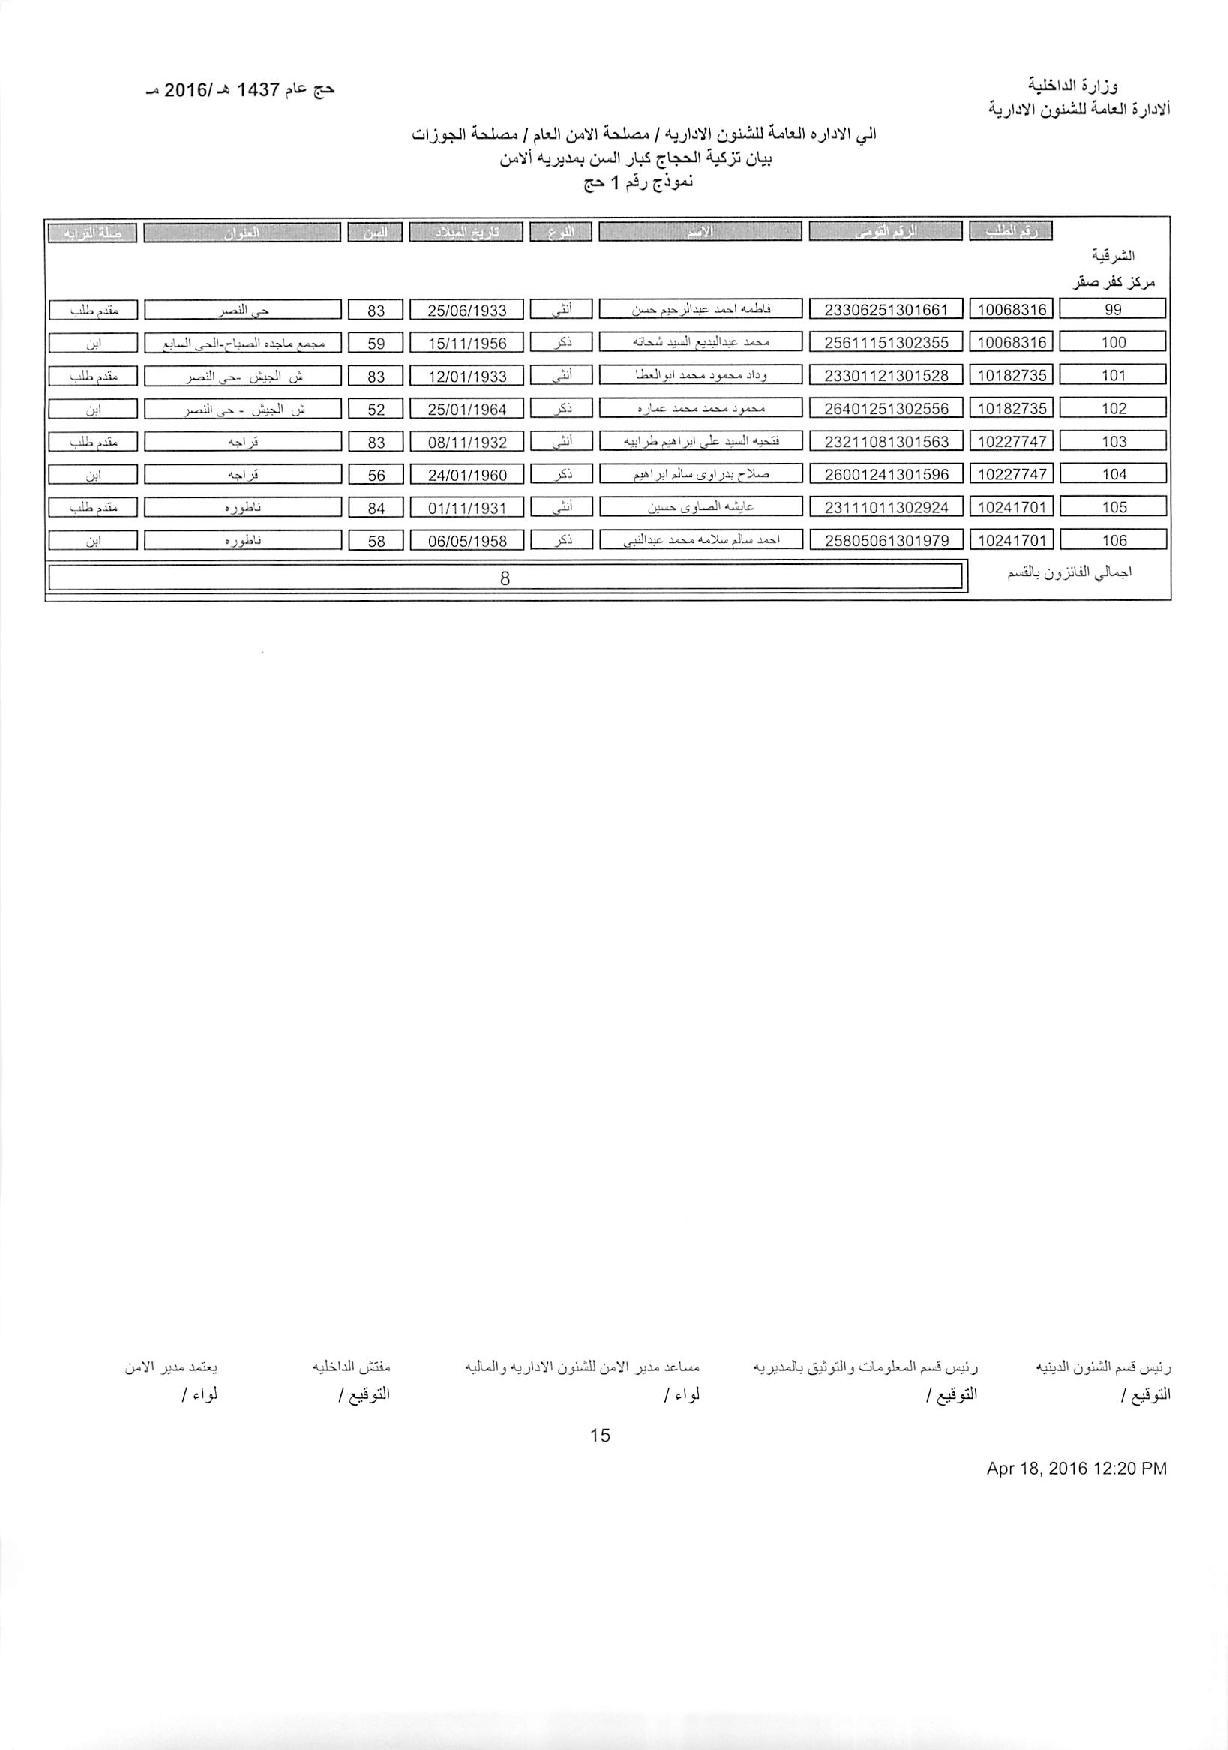 اسماء الحجاج الفائزون بالقرعة لعام 1437هـ 2016م (17)